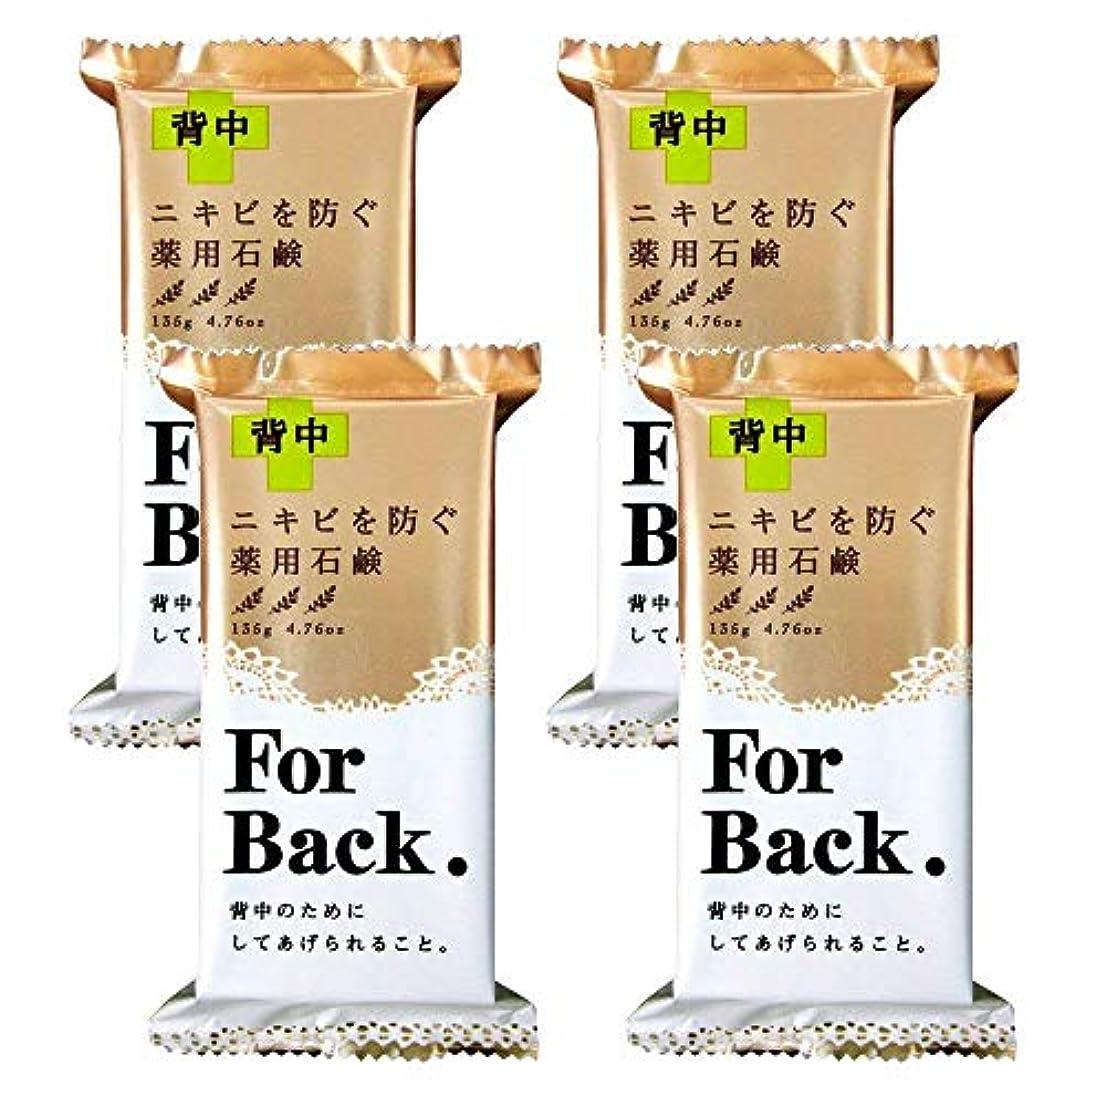 老朽化したしたい神話薬用石鹸 ForBack 135g×4個セット